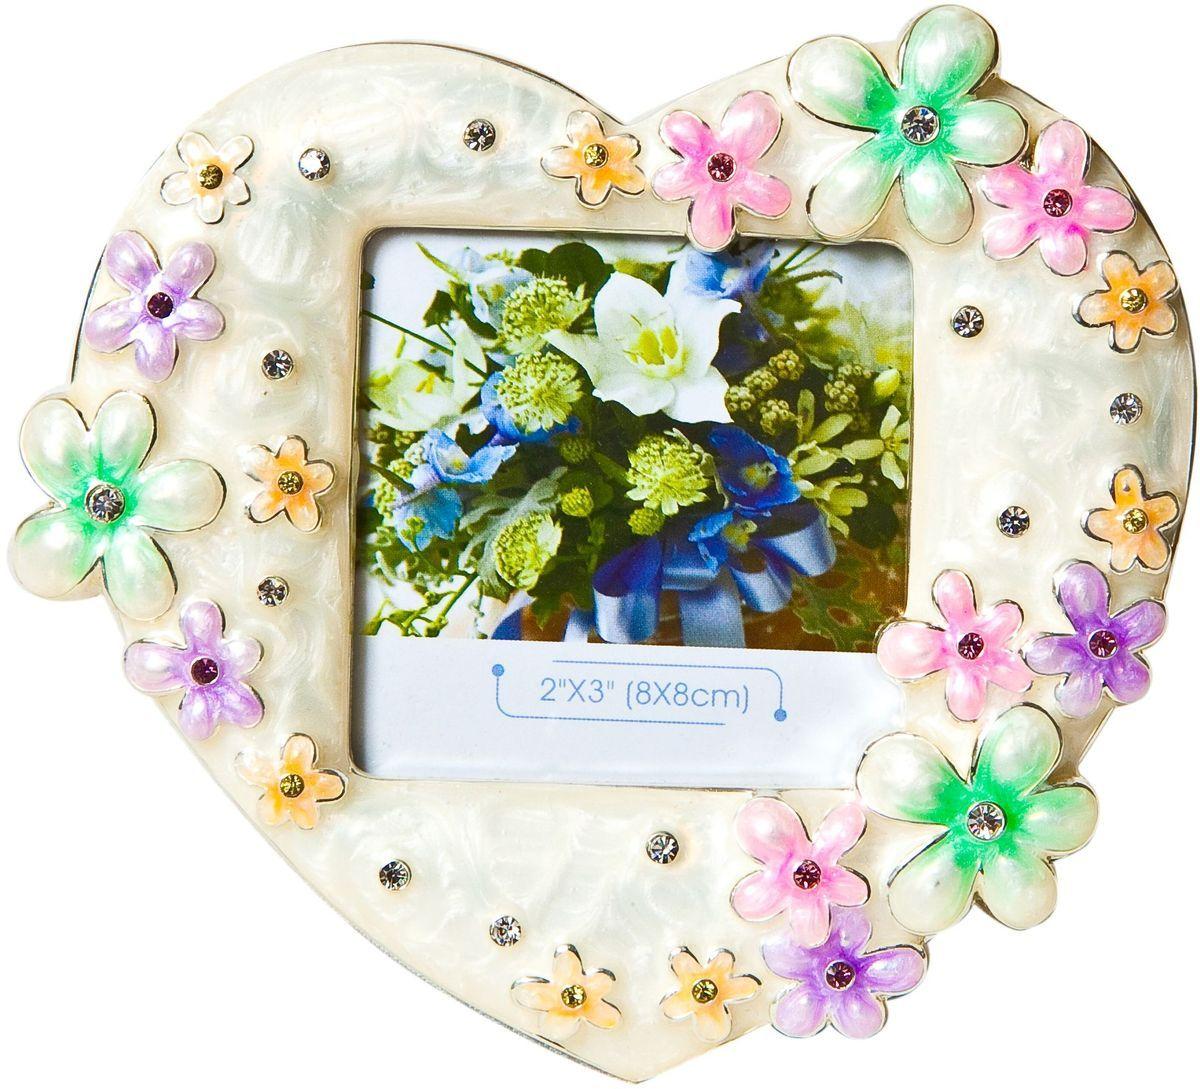 Фоторамка Platinum Цветы, цвет: розовый, 8 х 8 см. PF3274N-3a030041Декоративная фоторамка Platinum Цветы выполнена из металла в виде сердечка с цветочками. Фоторамка украшена стразами и декоративной глазурью. Изысканная и эффектная, эта потрясающая рамочка покорит своей красотой и изумительным качеством исполнения. Фоторамка подходит для фотографий 8 х 8 см.Общий размер фоторамки: 13,5 х 2 х 12,5 см.